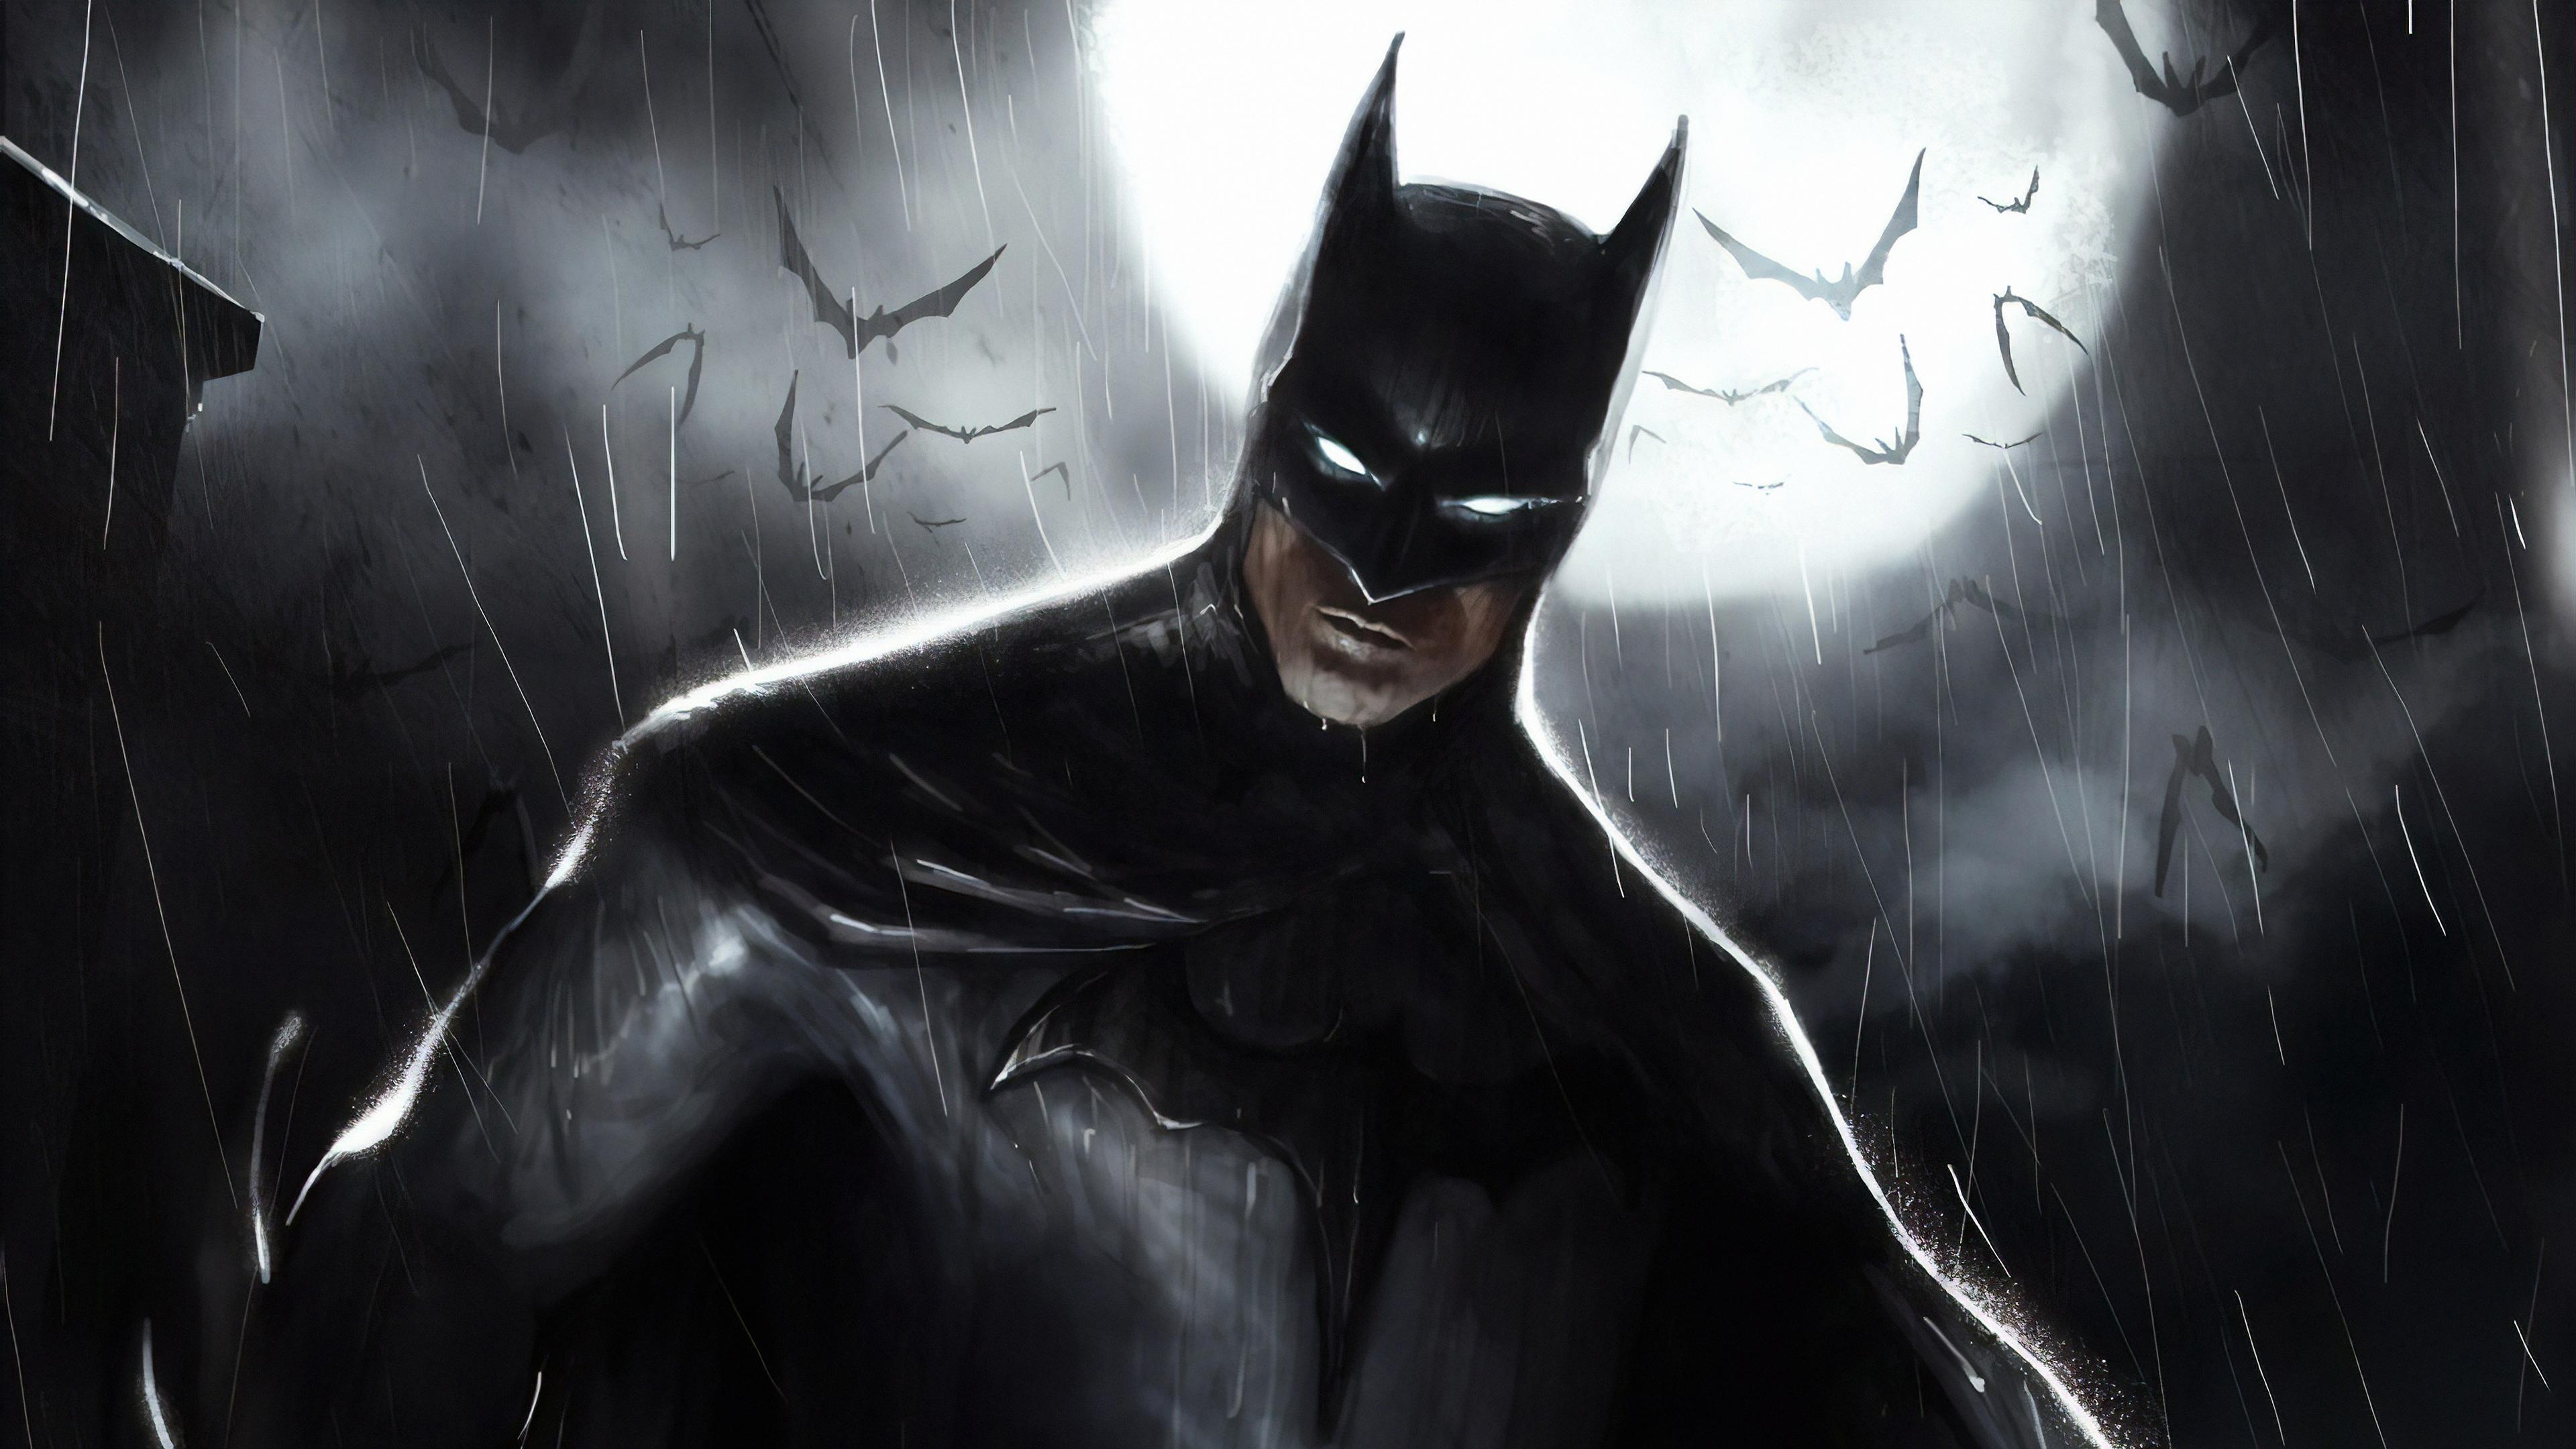 batman knight art 1570394699 - Batman Knight art - superheroes wallpapers, portrait wallpapers, hd-wallpapers, batman wallpapers, artwork wallpapers, 4k-wallpapers